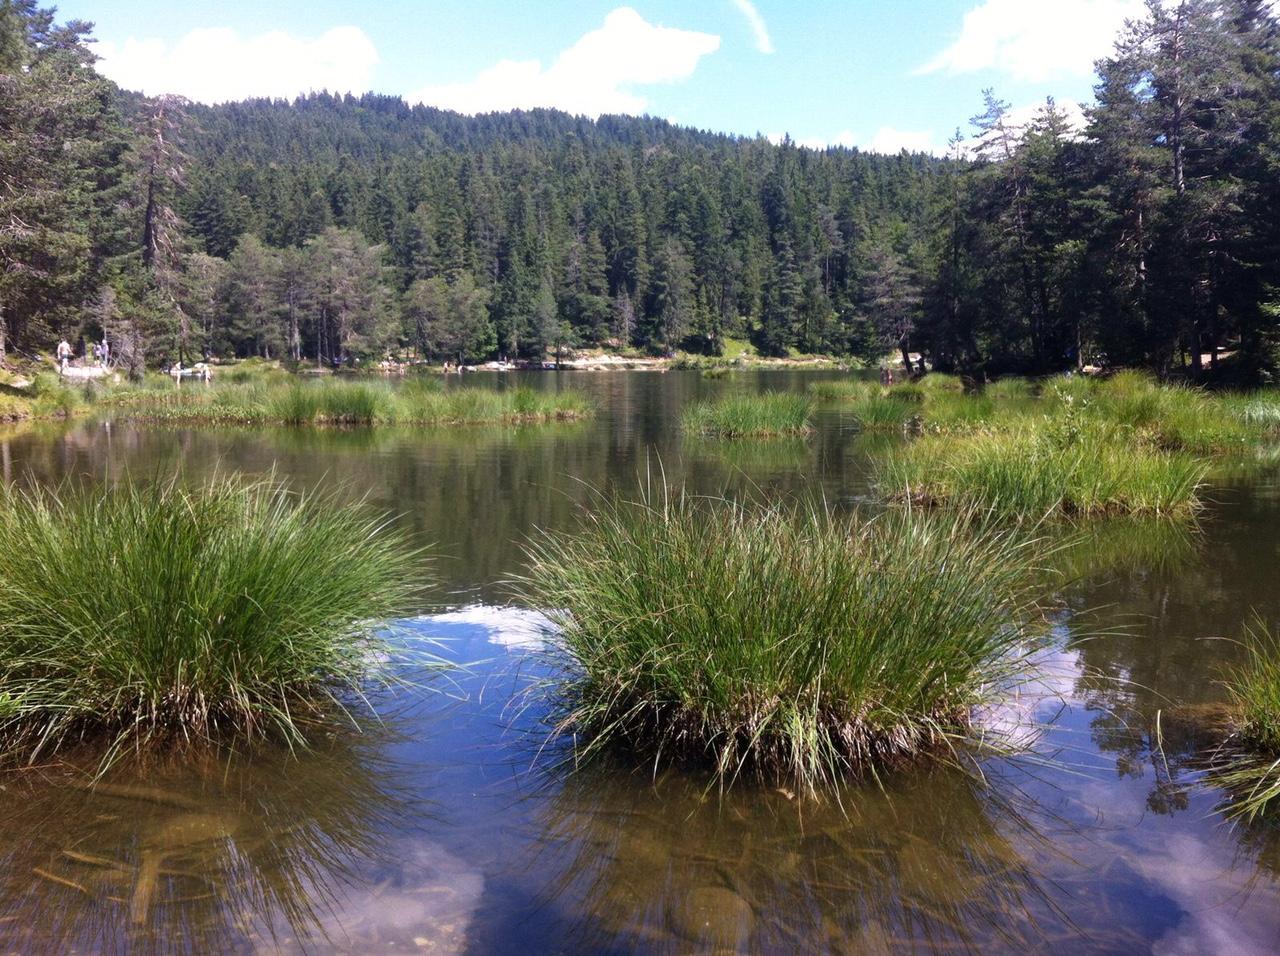 Grasbüschel im Wasser mit Bergen und Bäumen im Hintergrund